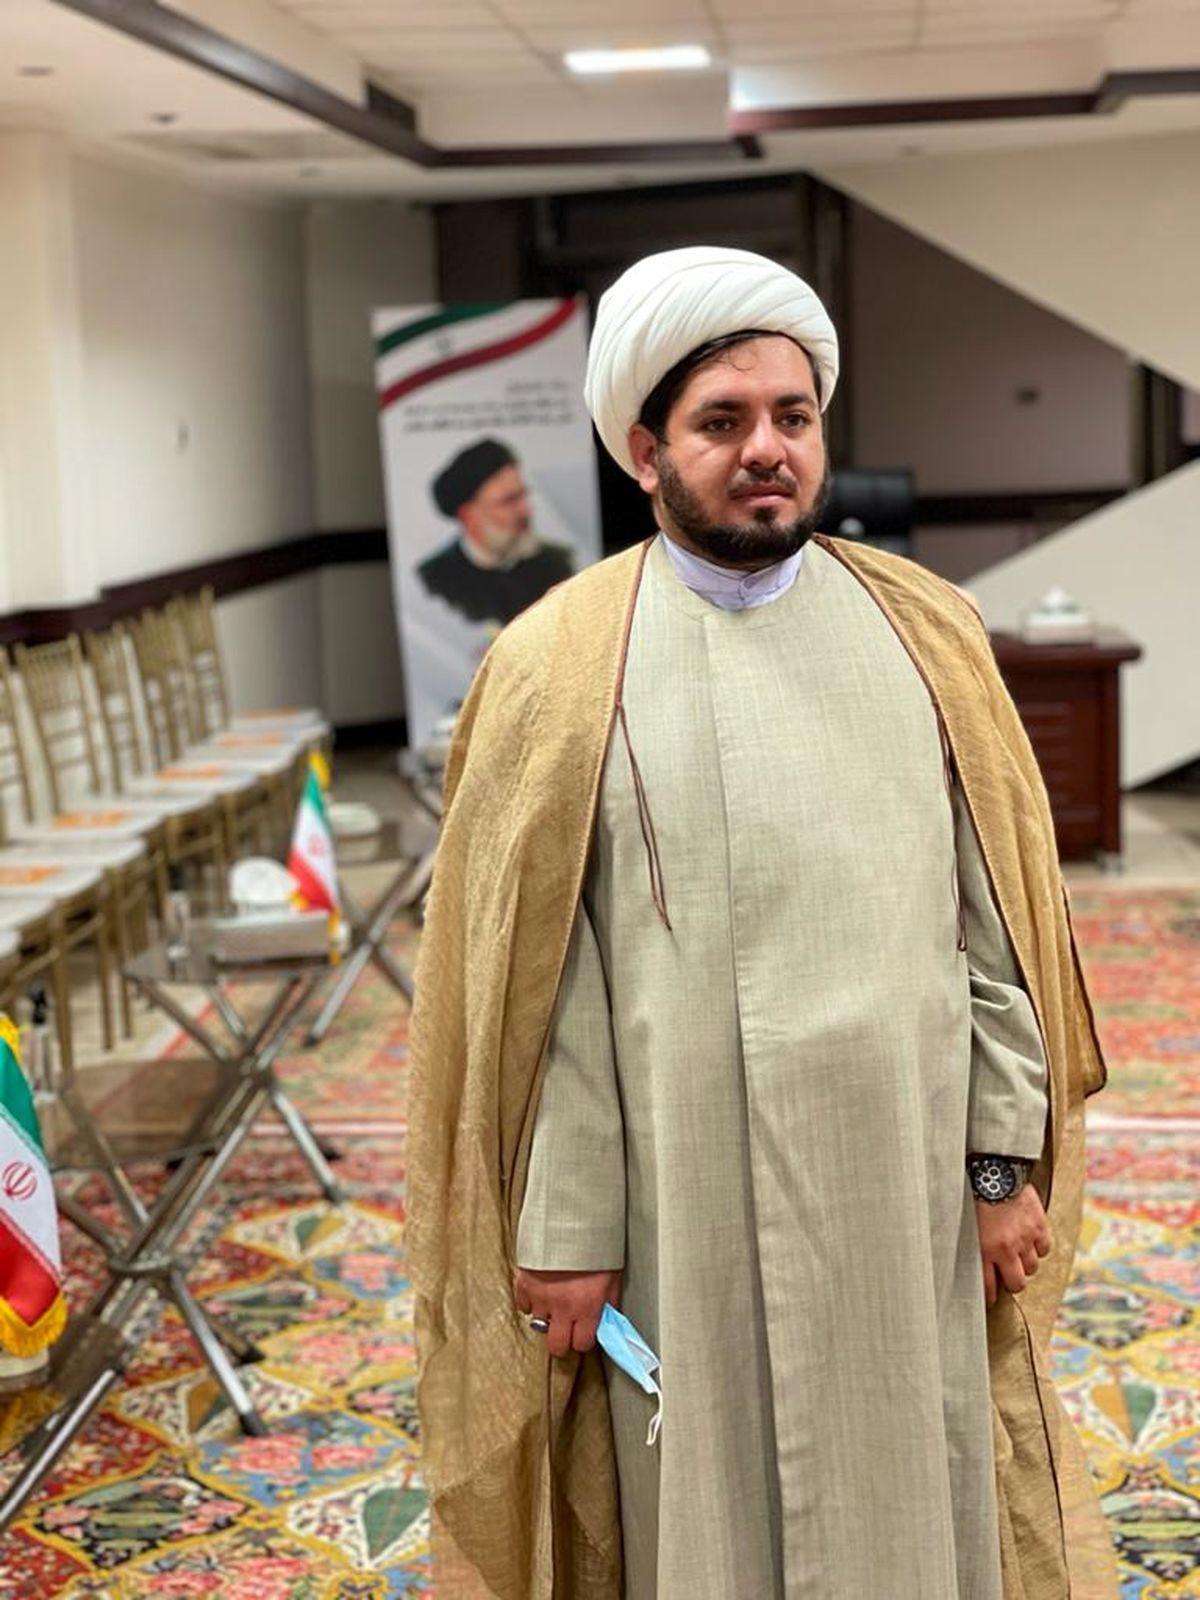 بیانیه جنبش بزرگ حامیان مردمی ایت الله رئیسی برای مشارکت در انتخابات